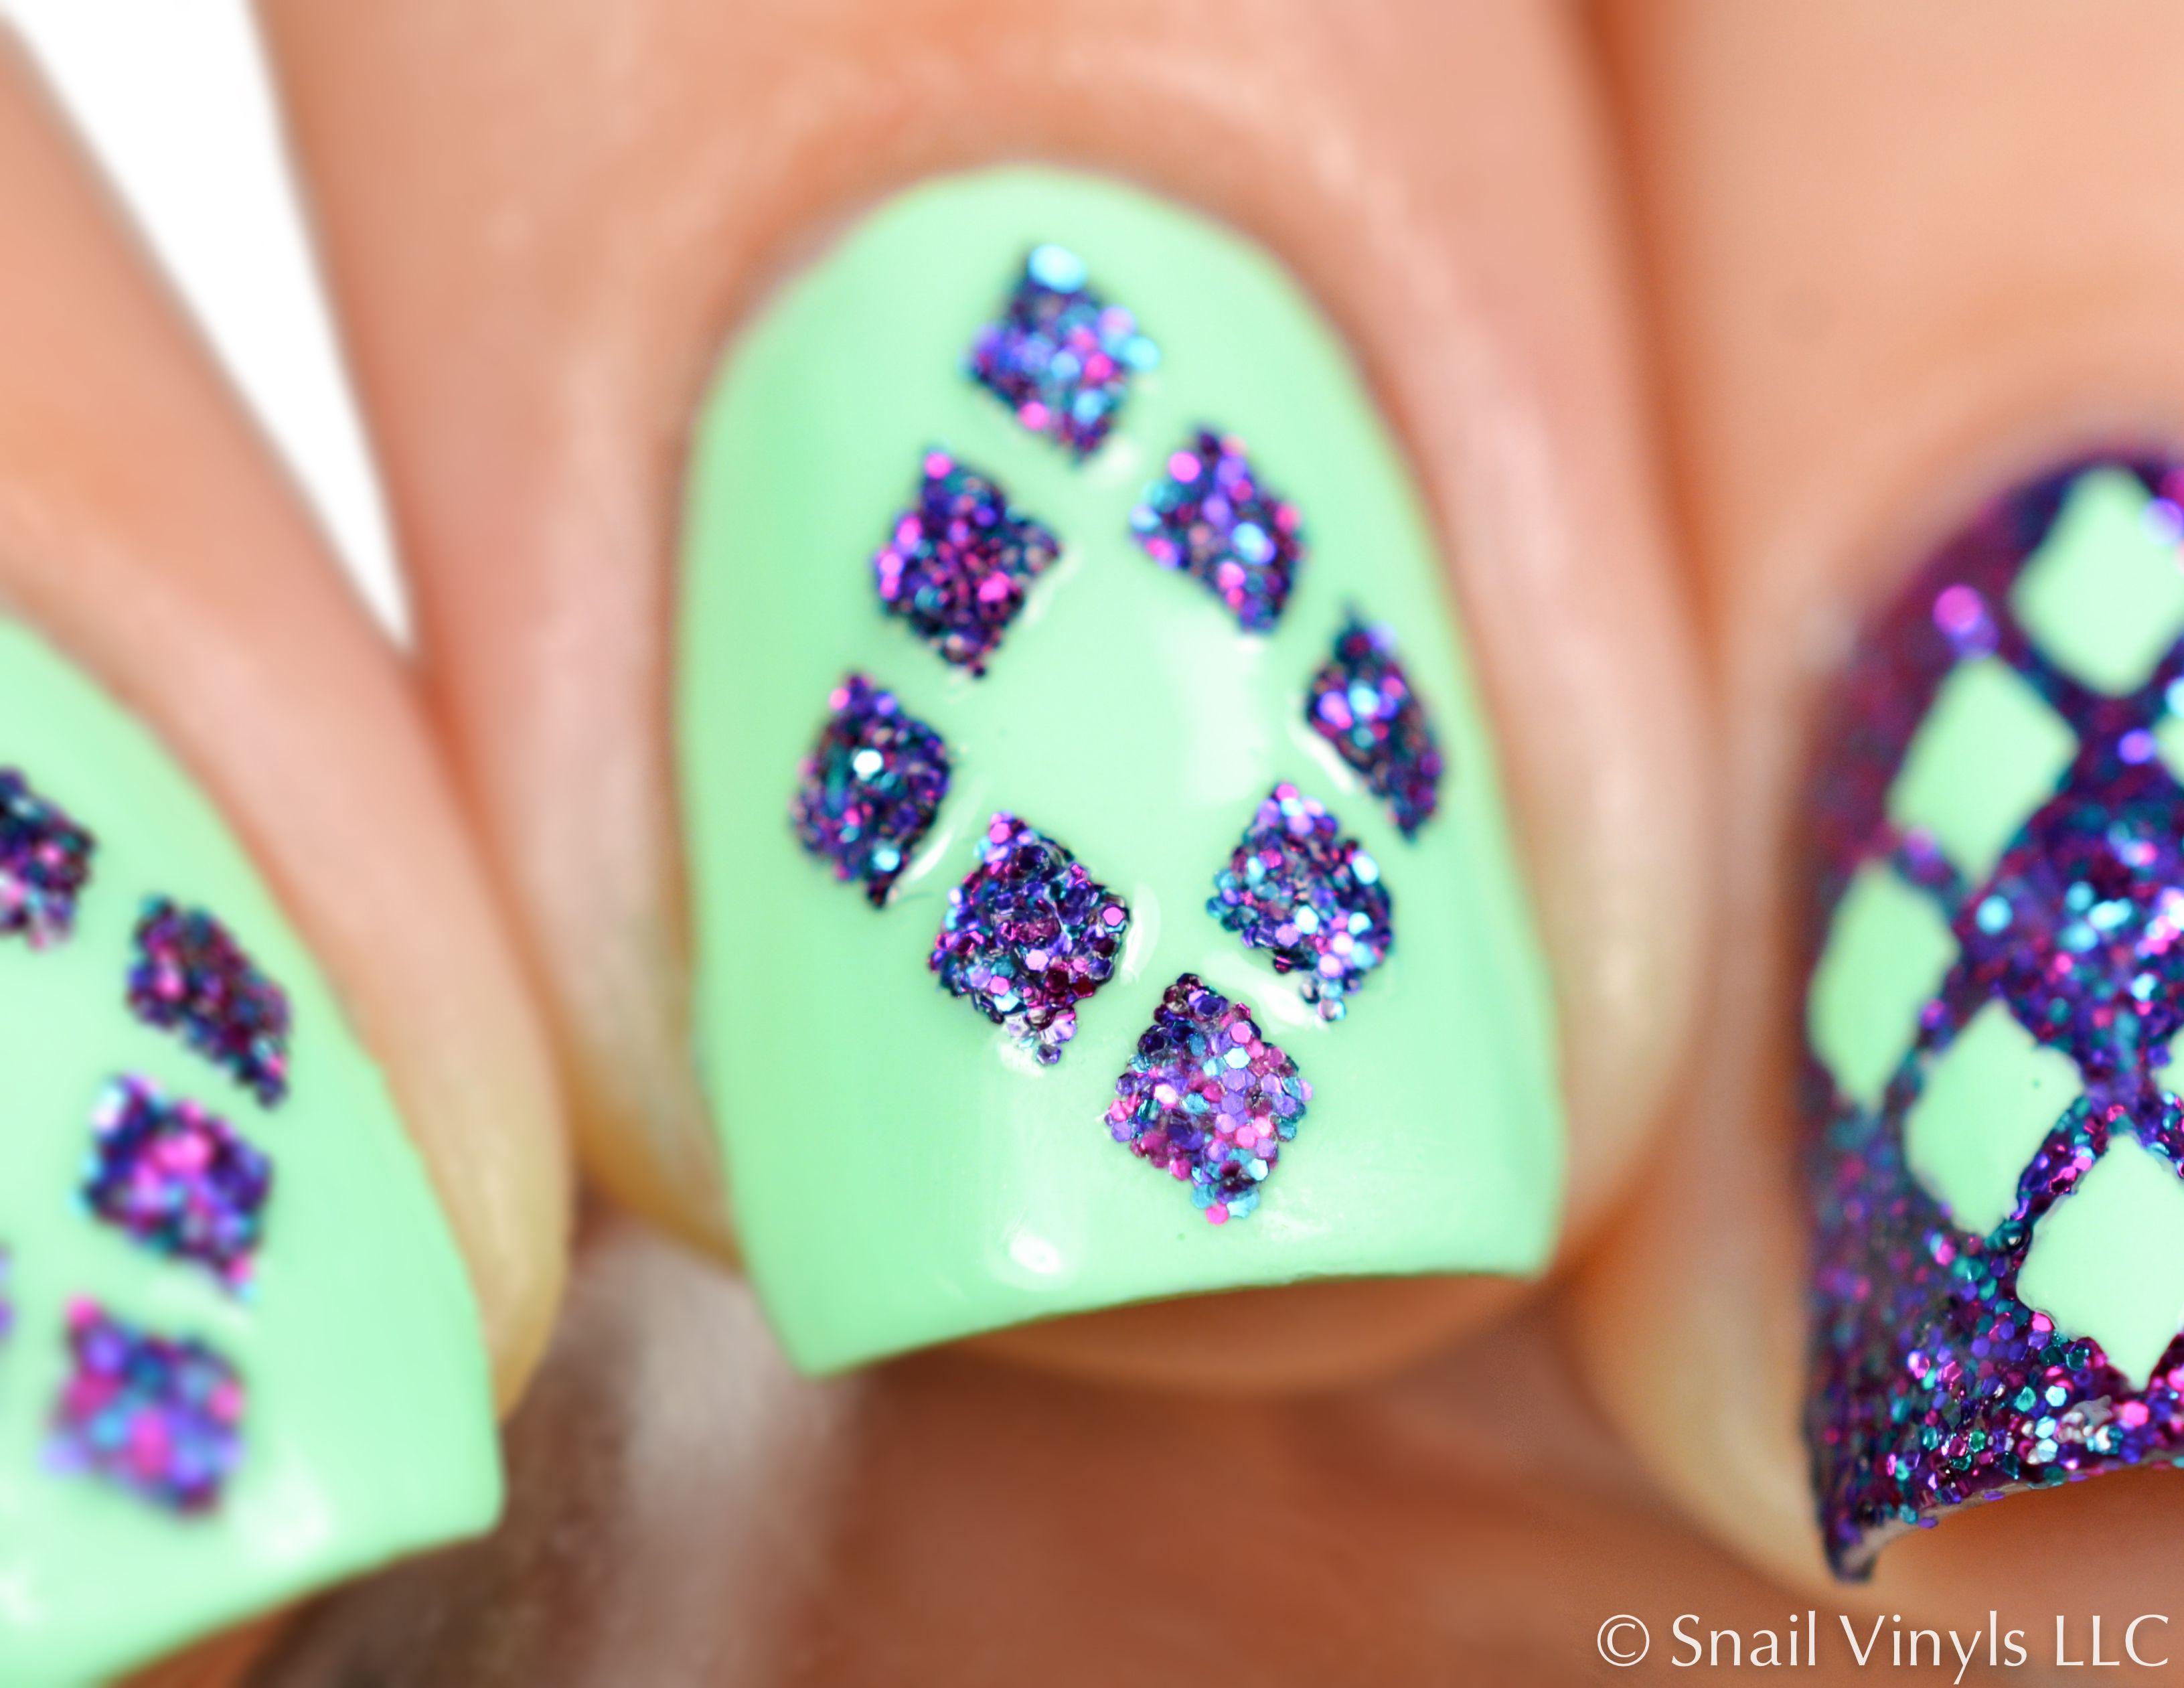 Diamond Nail Stencils | Arte de uñas, Diseños de uñas y Uñas artísticas